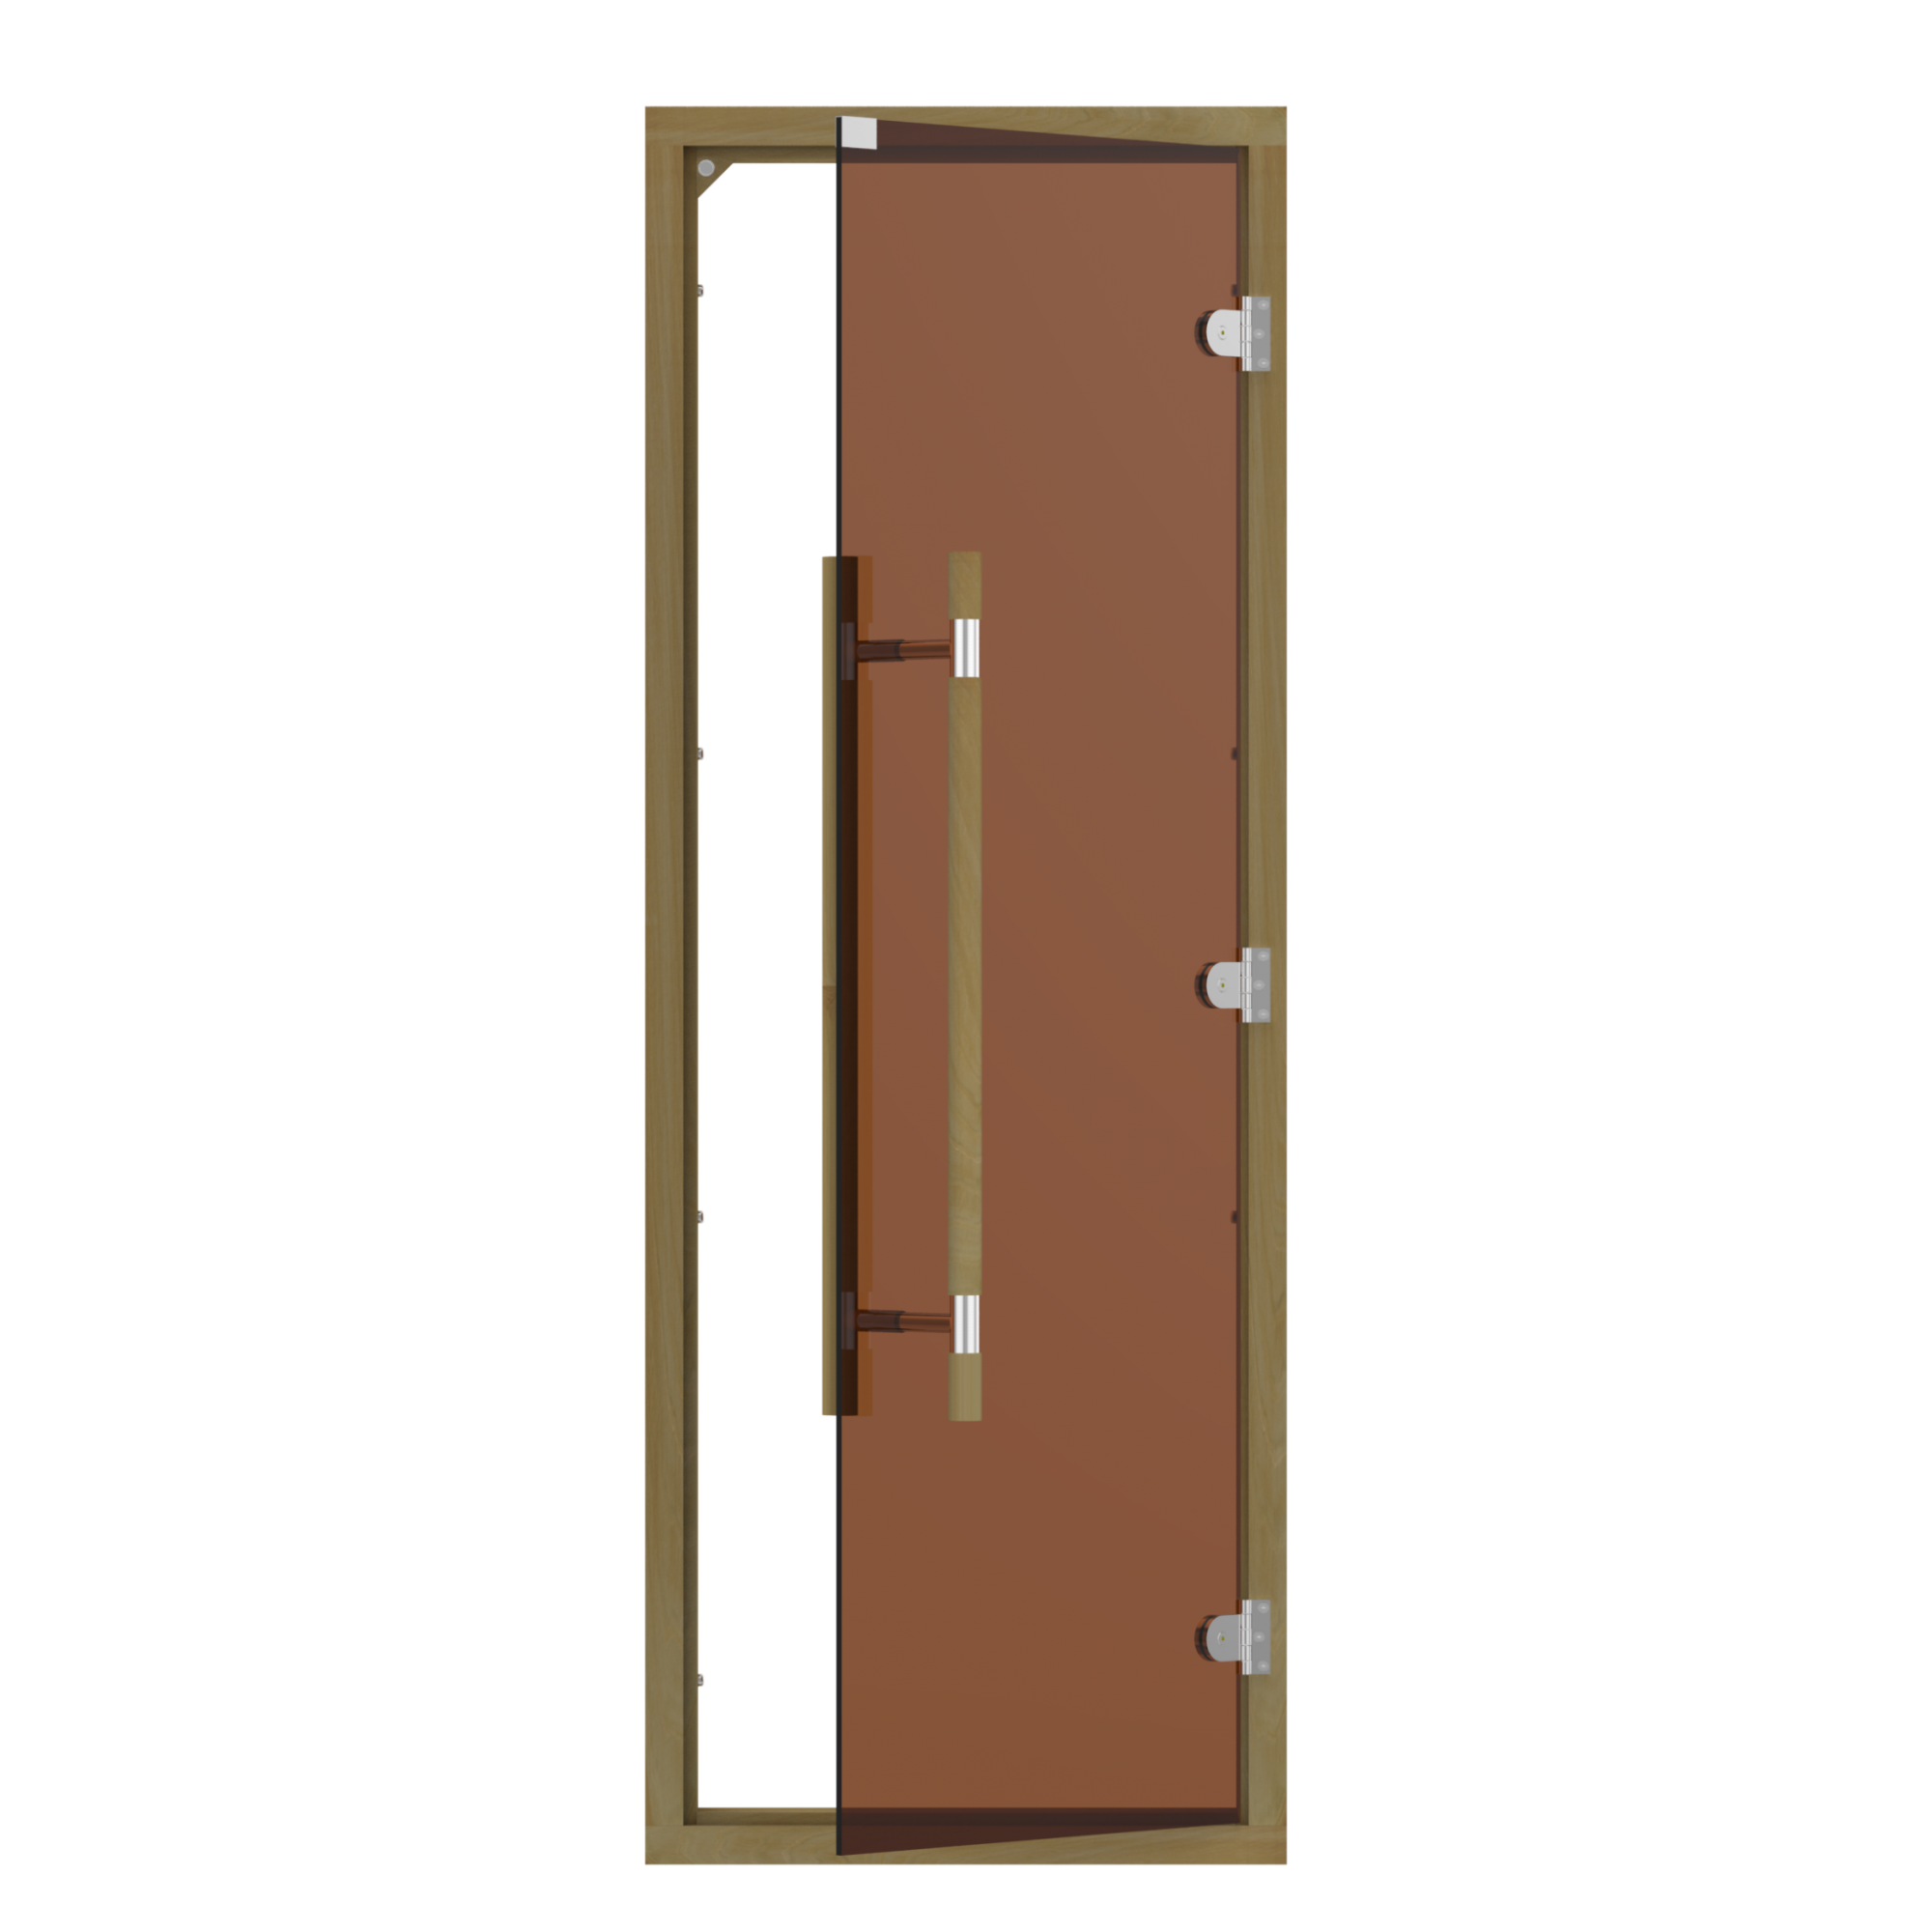 Двери: Дверь SAWO 741-4SGD 7/19 (бронза с порогом, кедр, прямая ручка металлической вставкой)